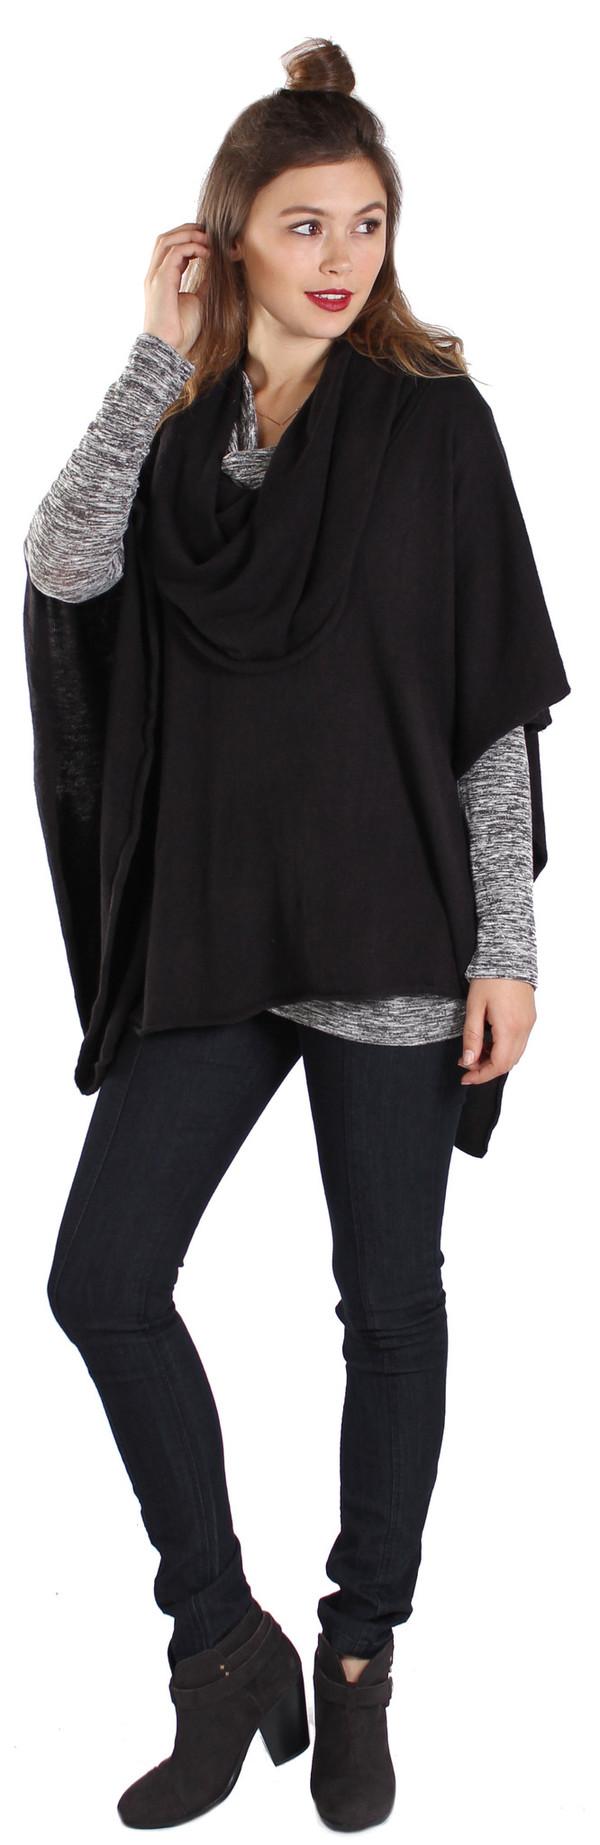 Cowl Poncho in Black